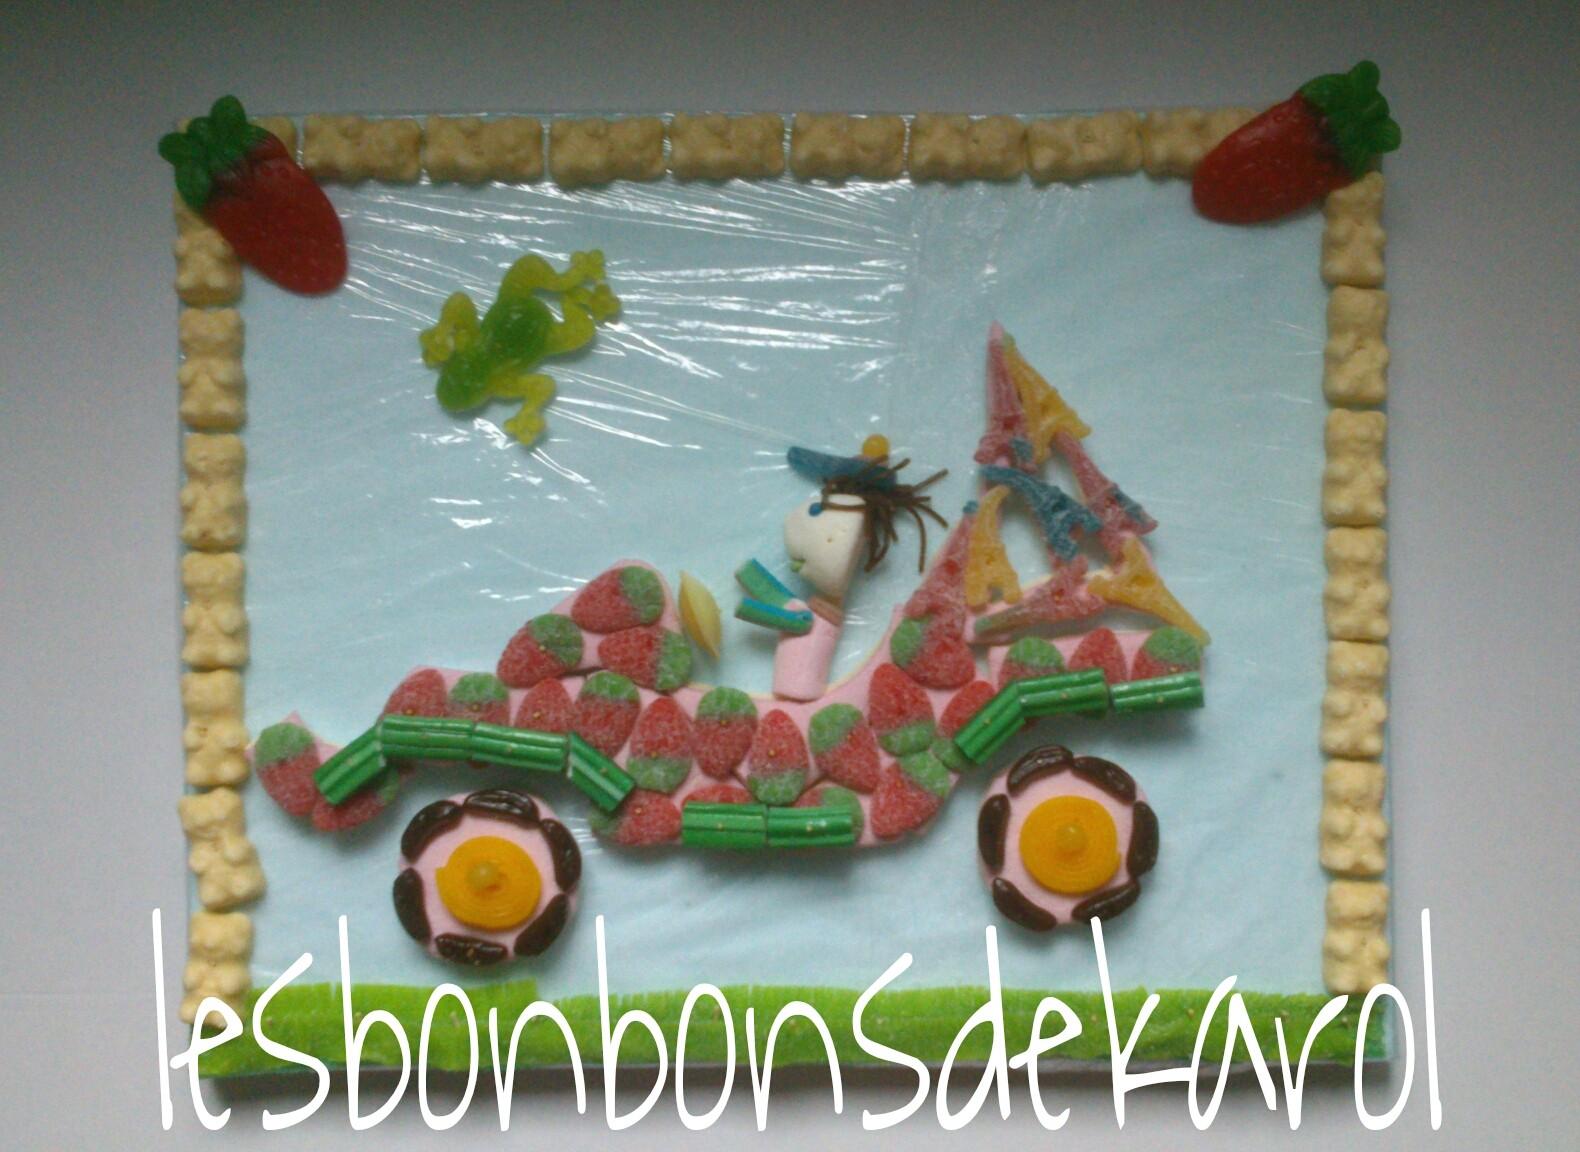 BUGGY 35 € (50 x 40 cm - 937 gr et 78 bonbons + 24 ours chocolat blanc + plaque lard/guimauve)